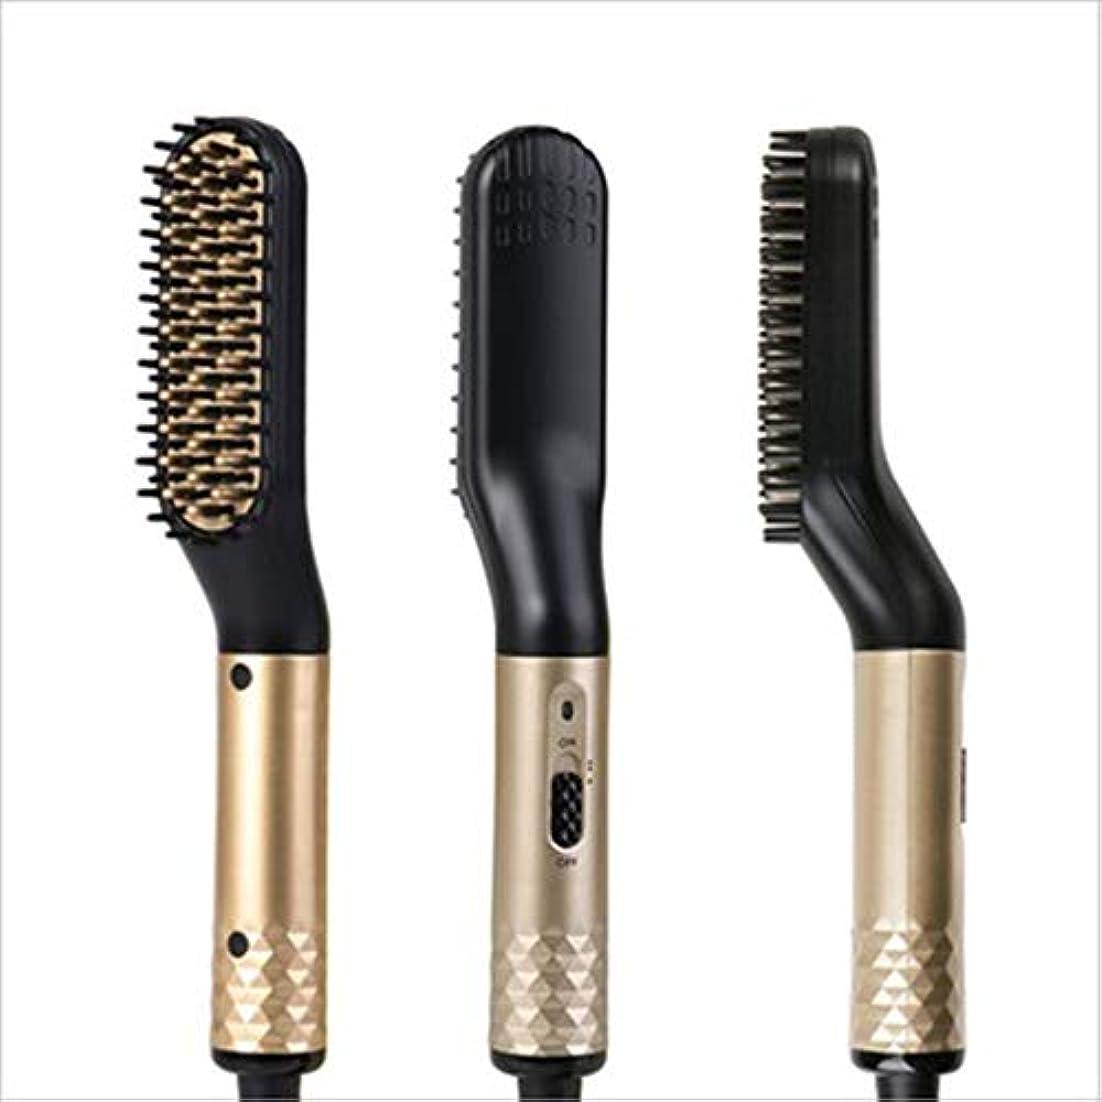 電子おっと分類メンズ多機能ストレート髪のくし、髭スタイルコーミングタイプヘアコームセラミックO傷髪のストレートストレートヘアアイロン170?190° (Color : B)